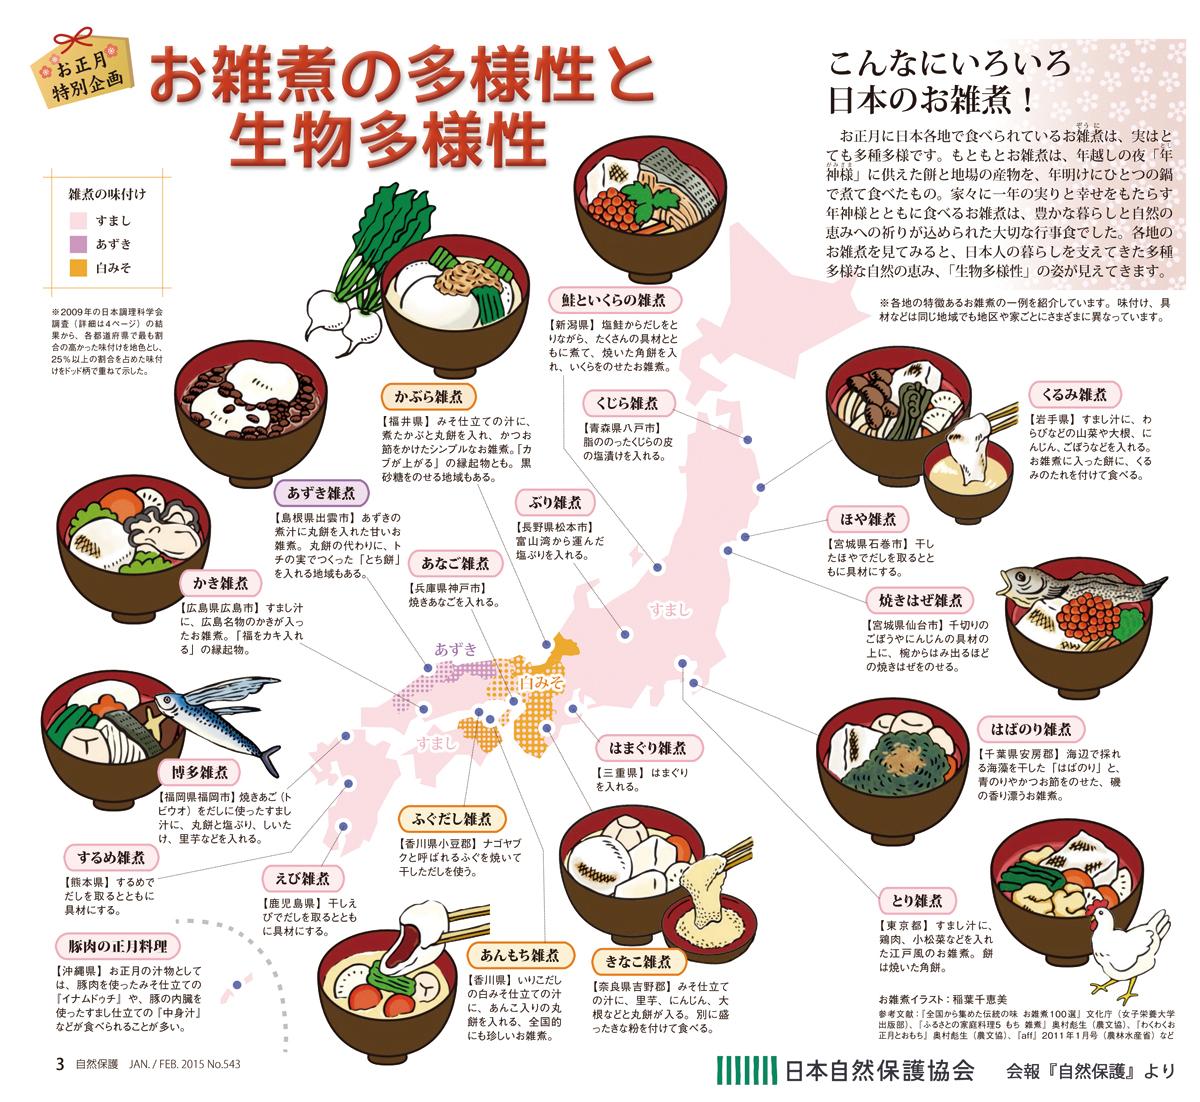 こんなにいろいろ日本のお雑煮! - 日本自然保護協会オフィシャルサイト